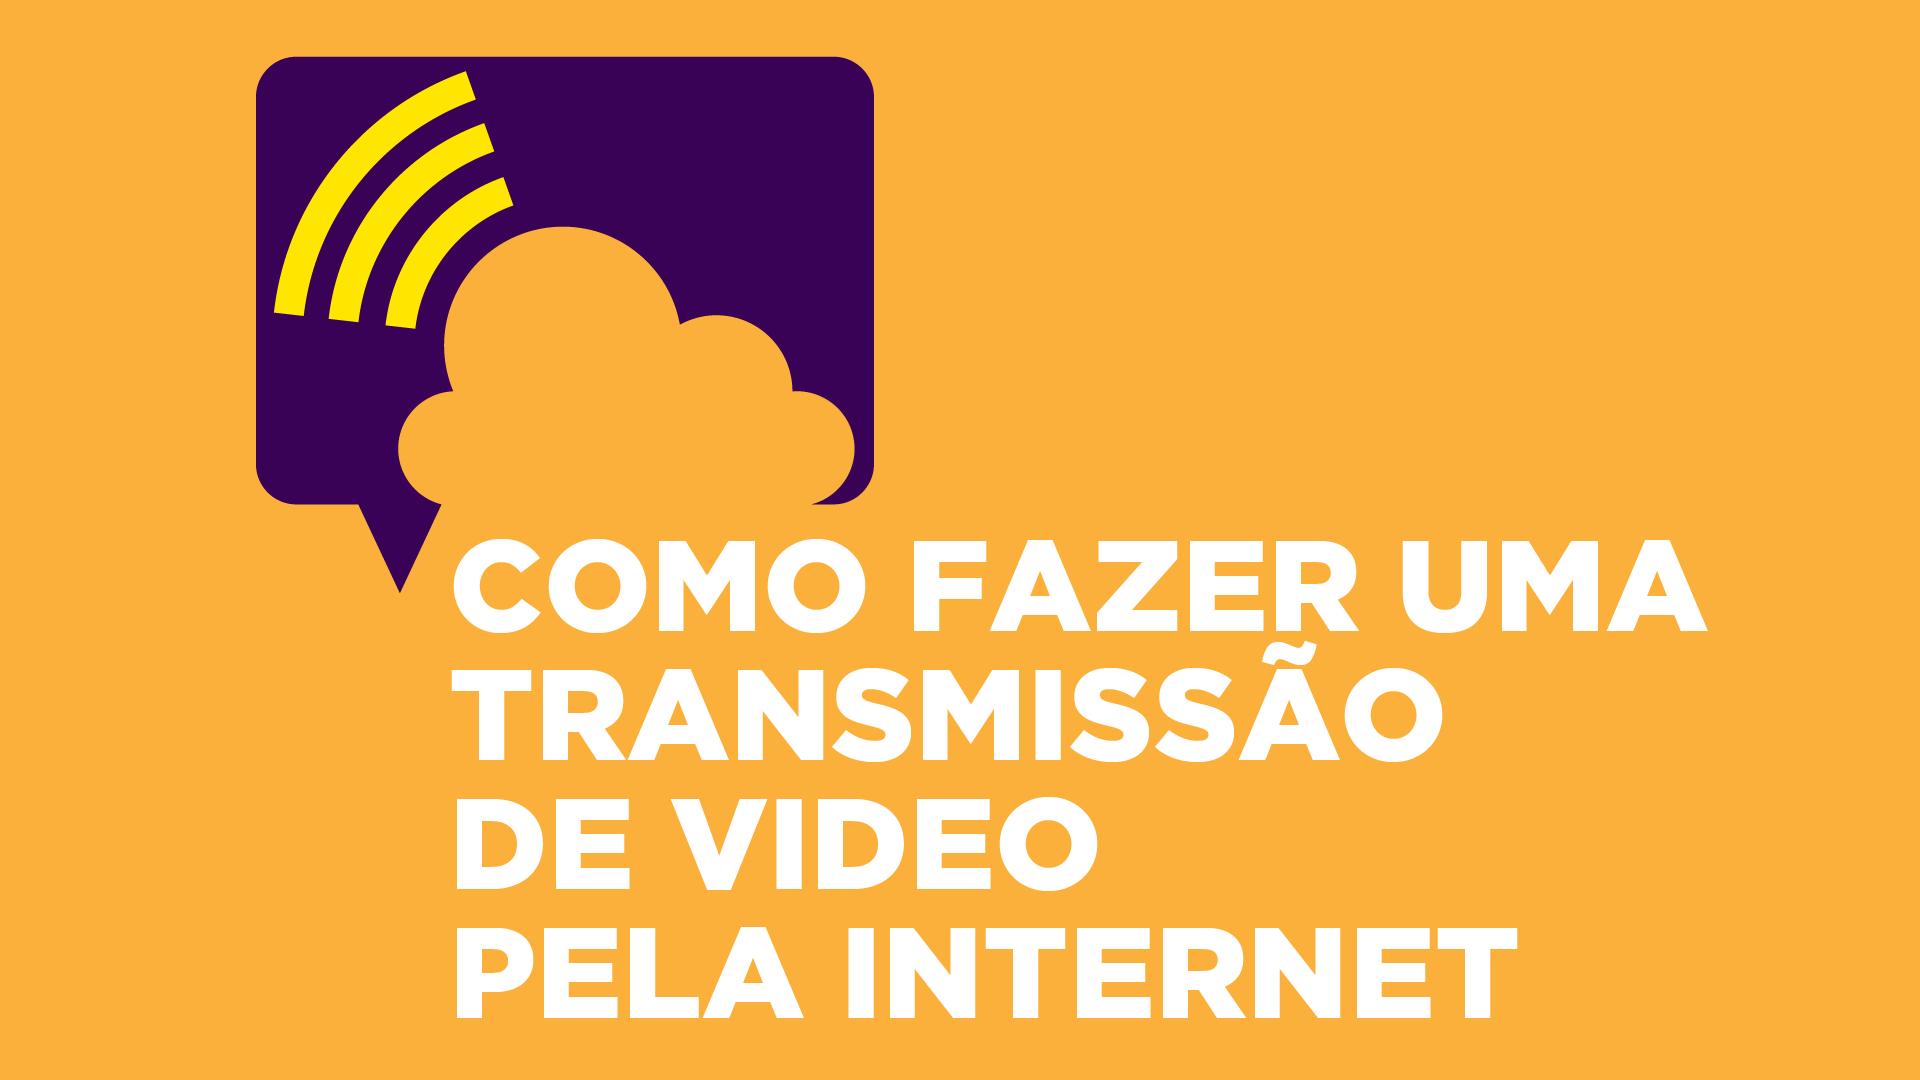 Transmissão online em Porto Alegre